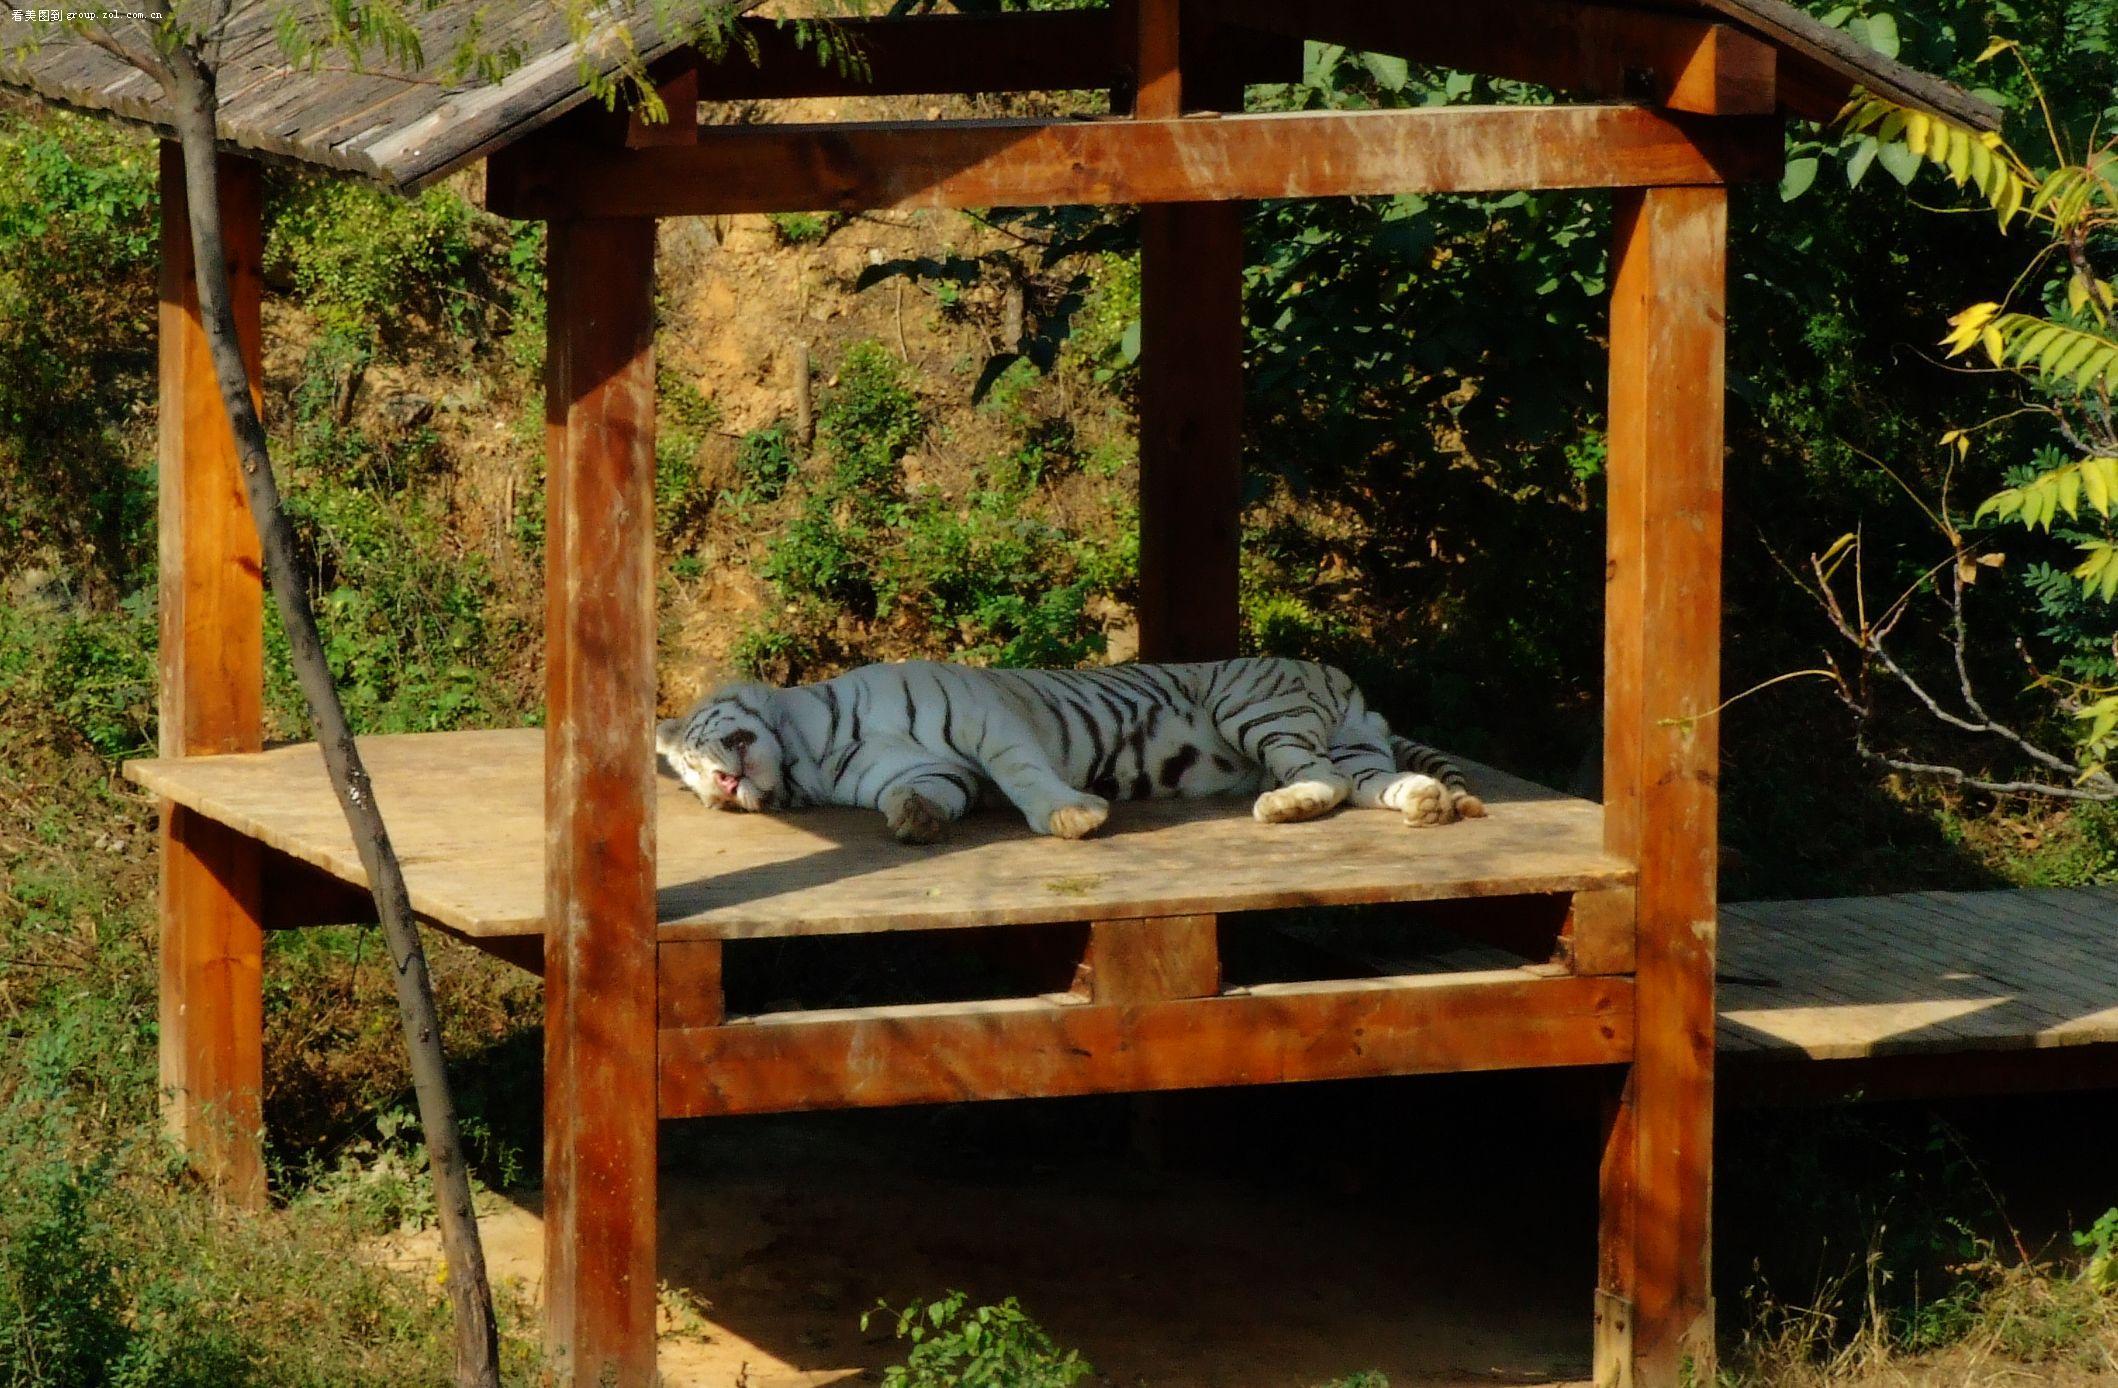 动物园推出一日游活动价格的两种方案――方案一成人150元,儿童每人60